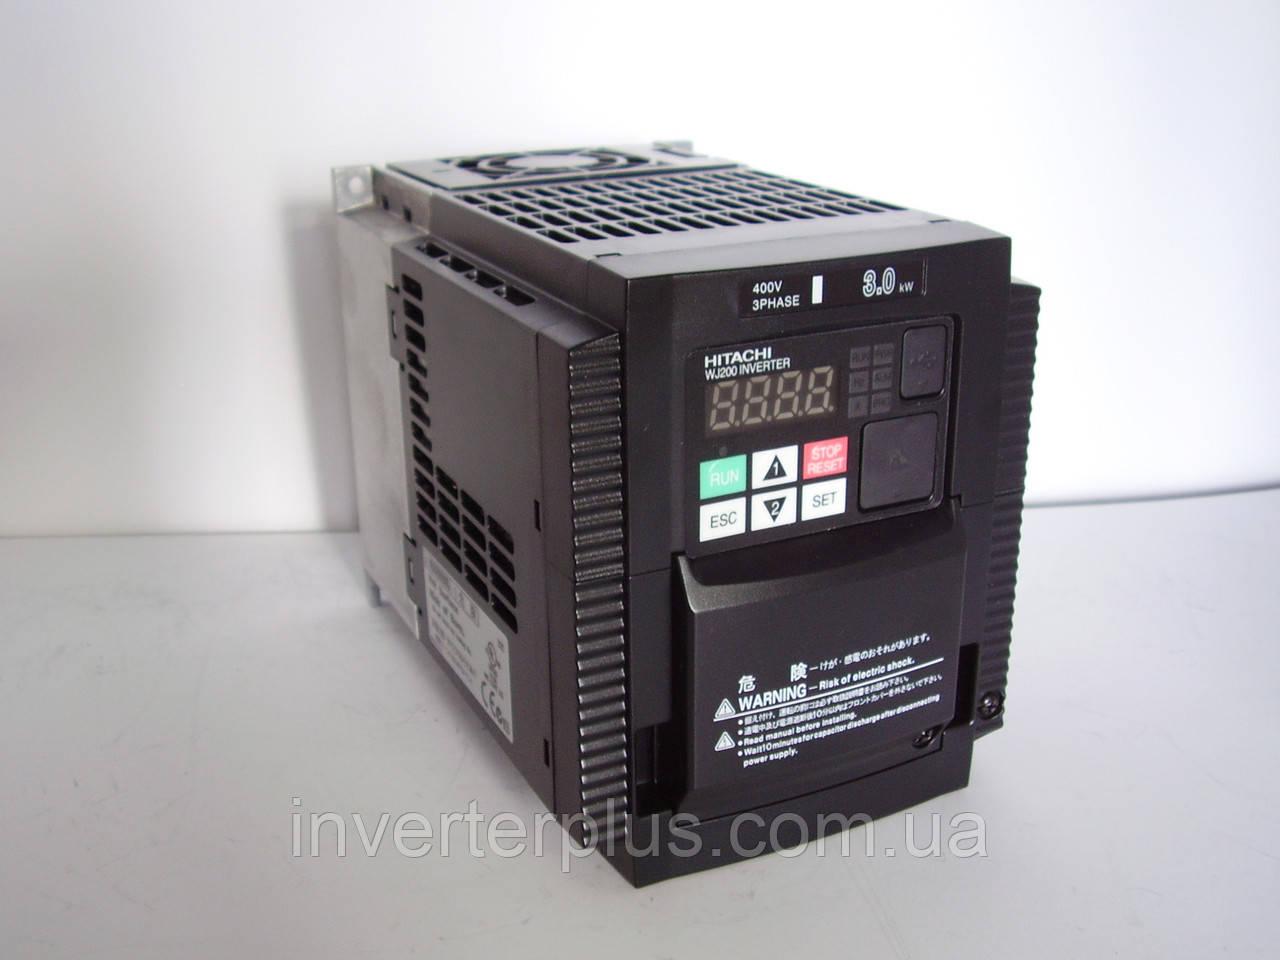 WJ200-030HF; 3кВт/380В. Частотник Hitachi